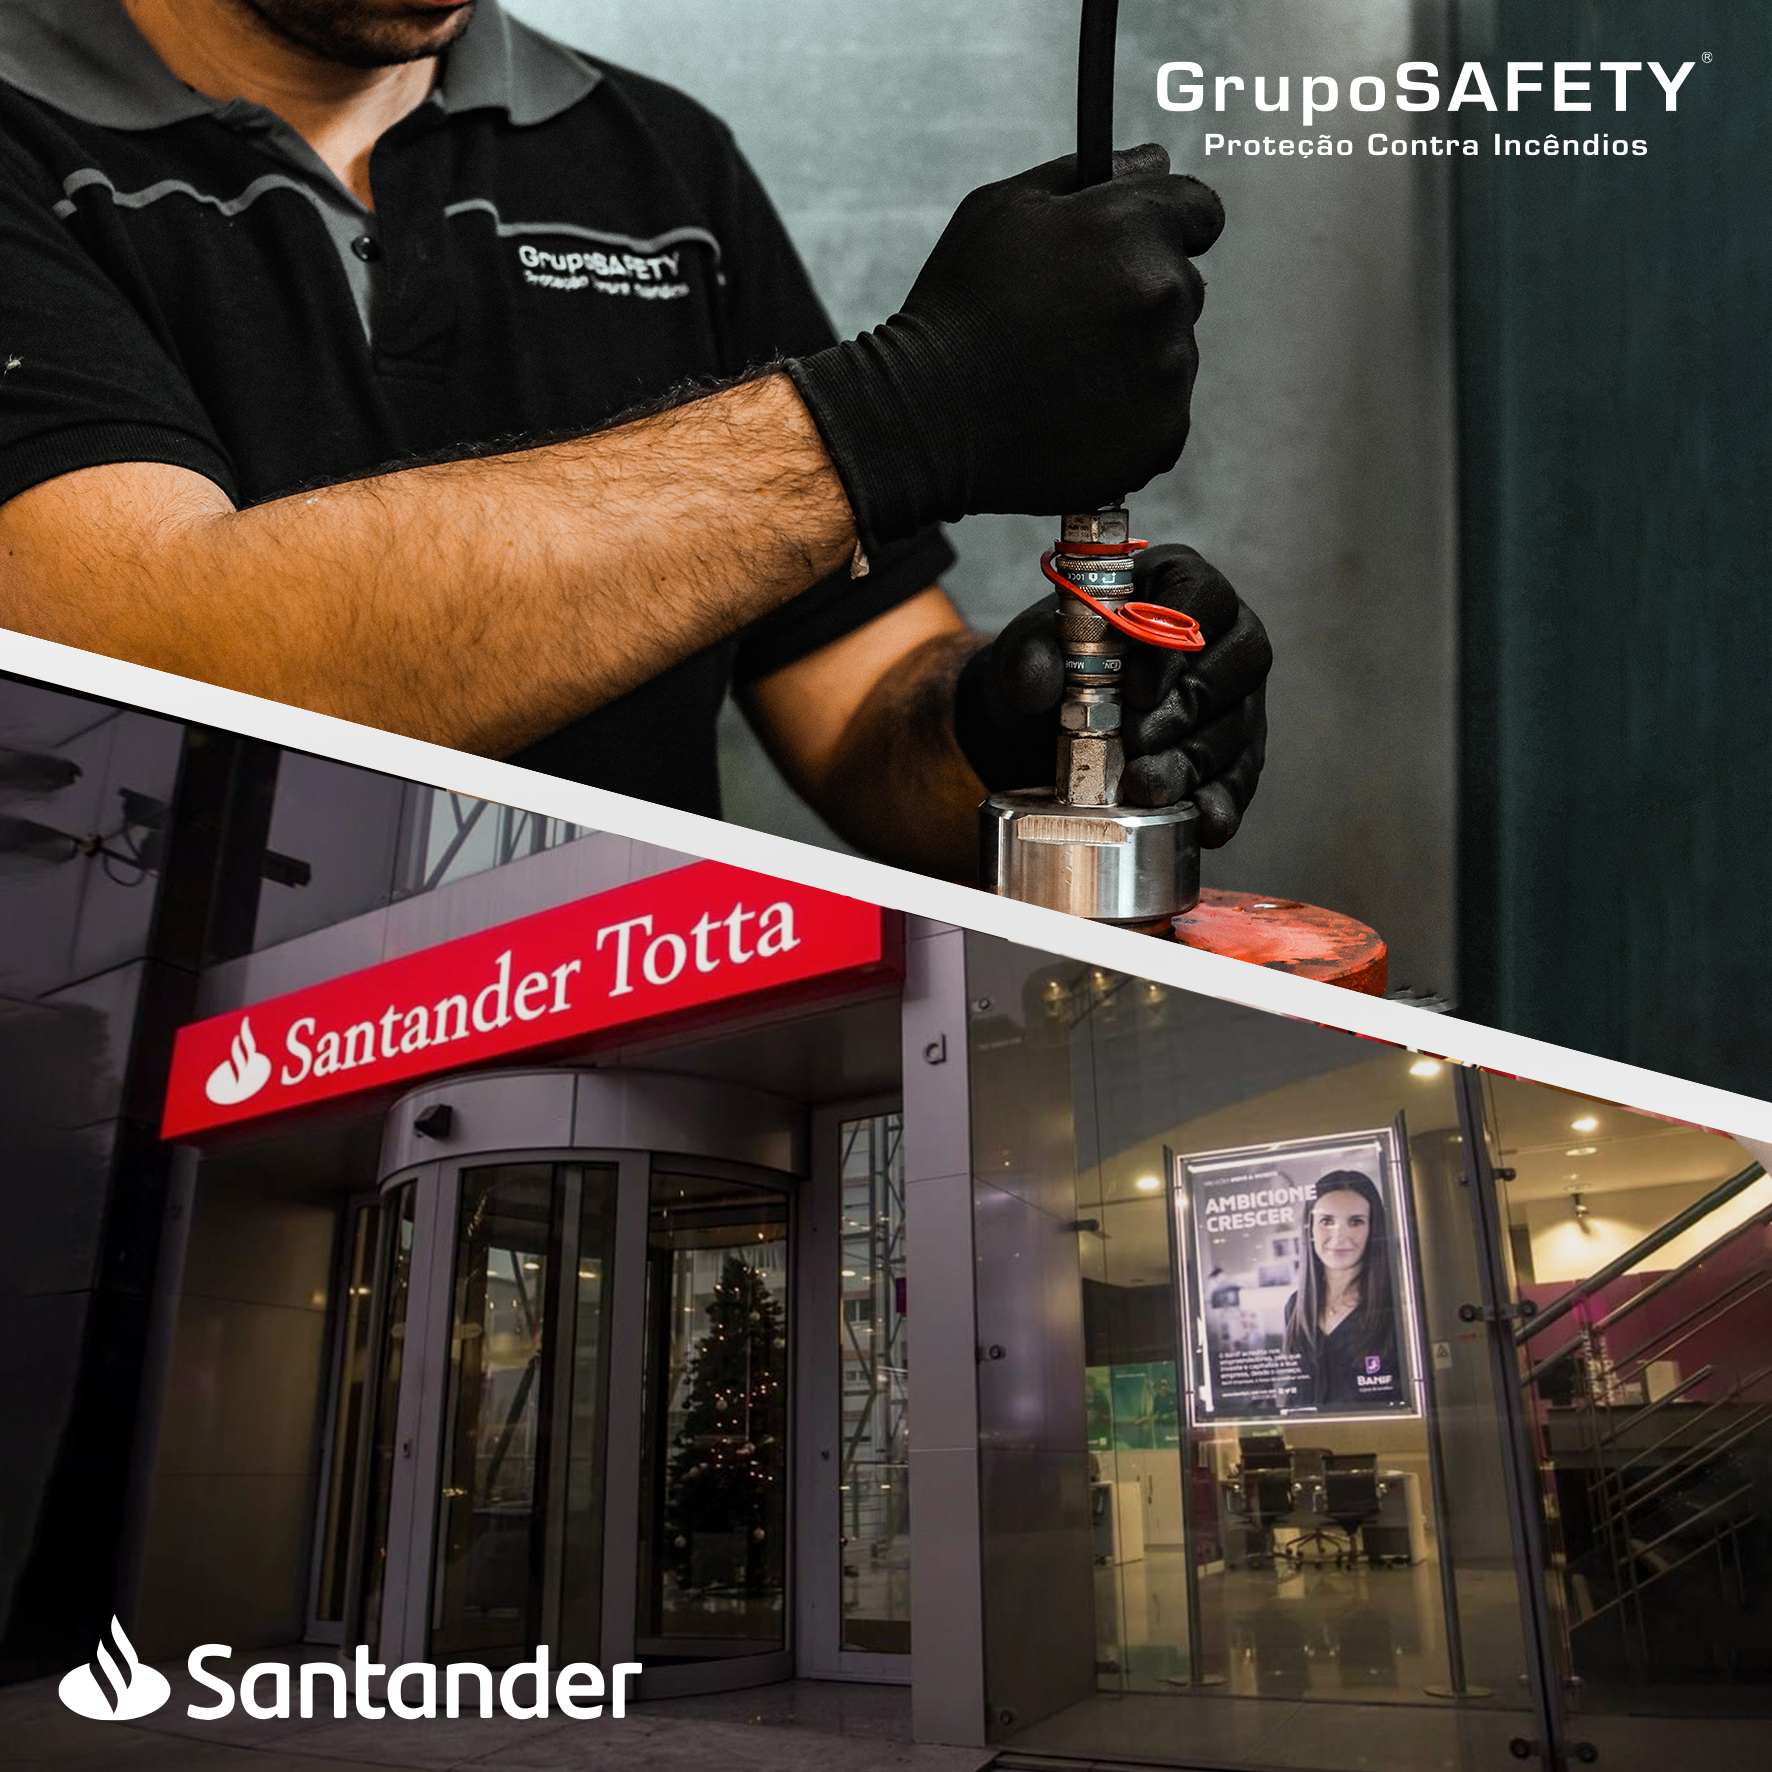 Banco Santander Totta S.A.